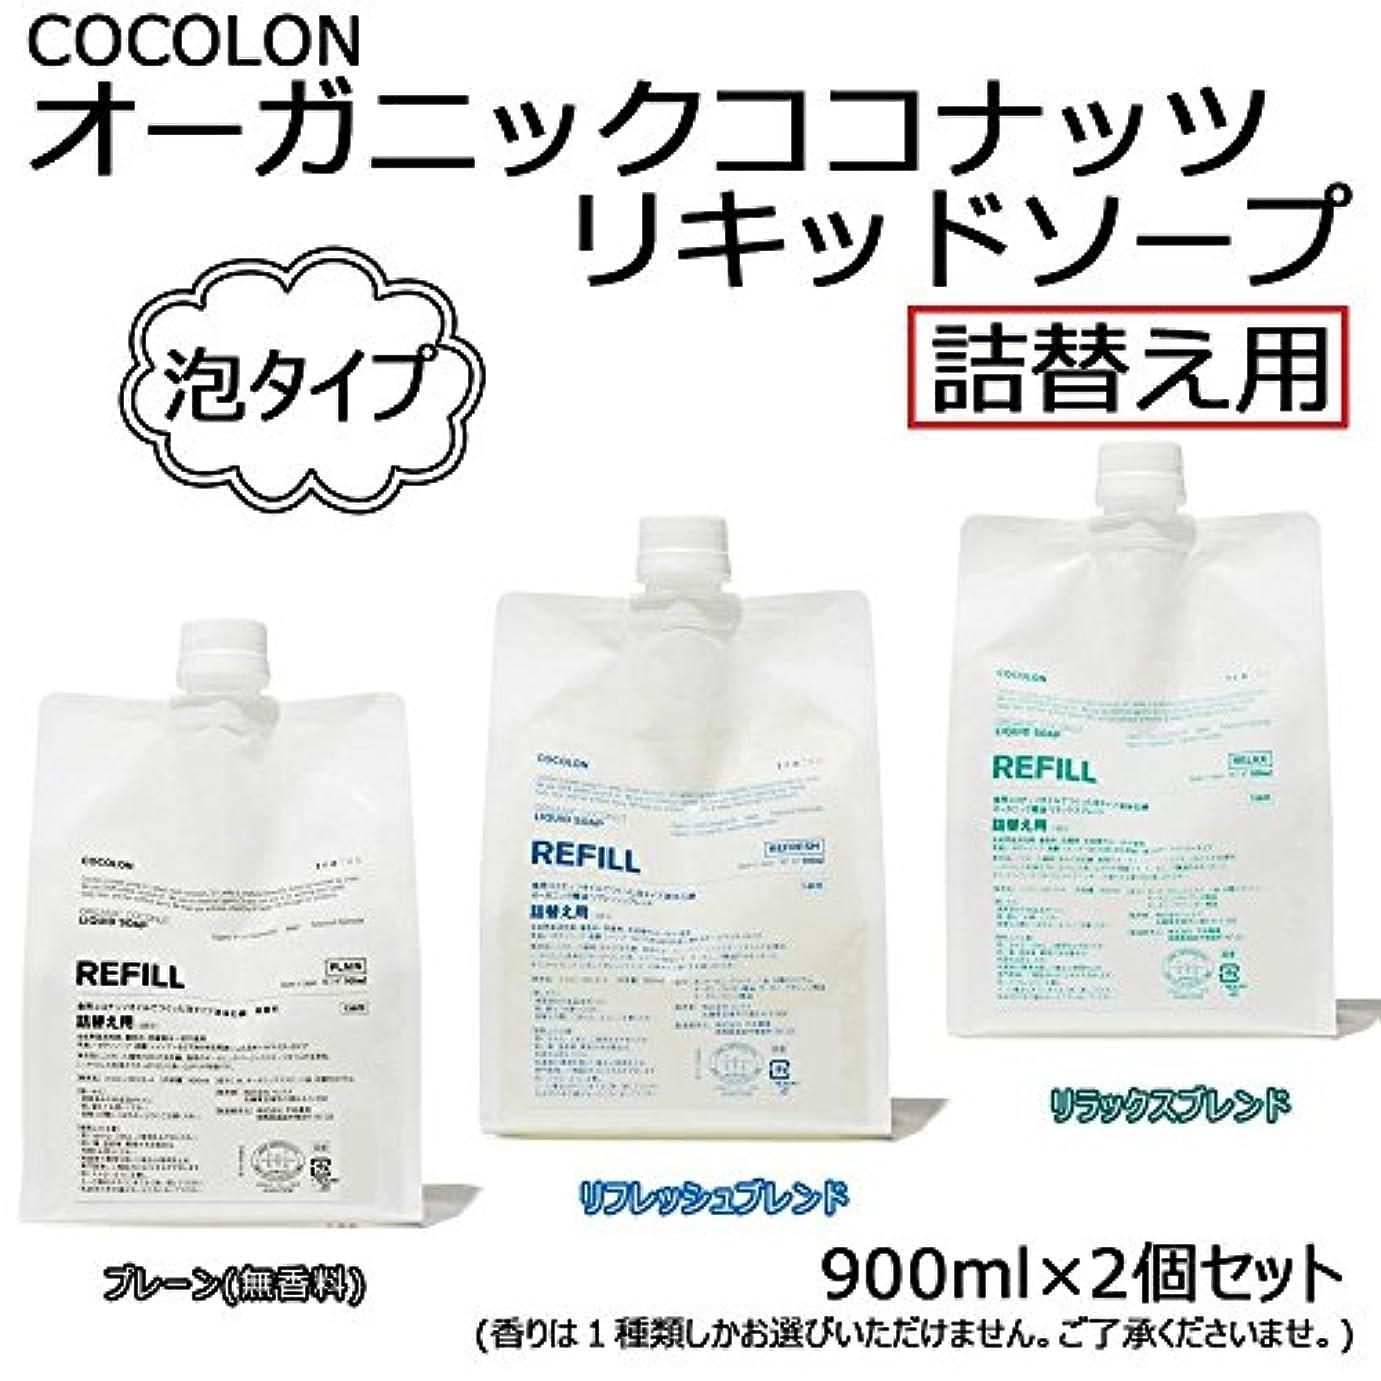 腫瘍おしゃれな農民COCOLON ココロン オーガニックココナッツリキッドソープ 泡タイプ 詰替え用 900ml 2個セット【同梱?代引不可】 ■3種類の内「リラックスブレンド」のみです